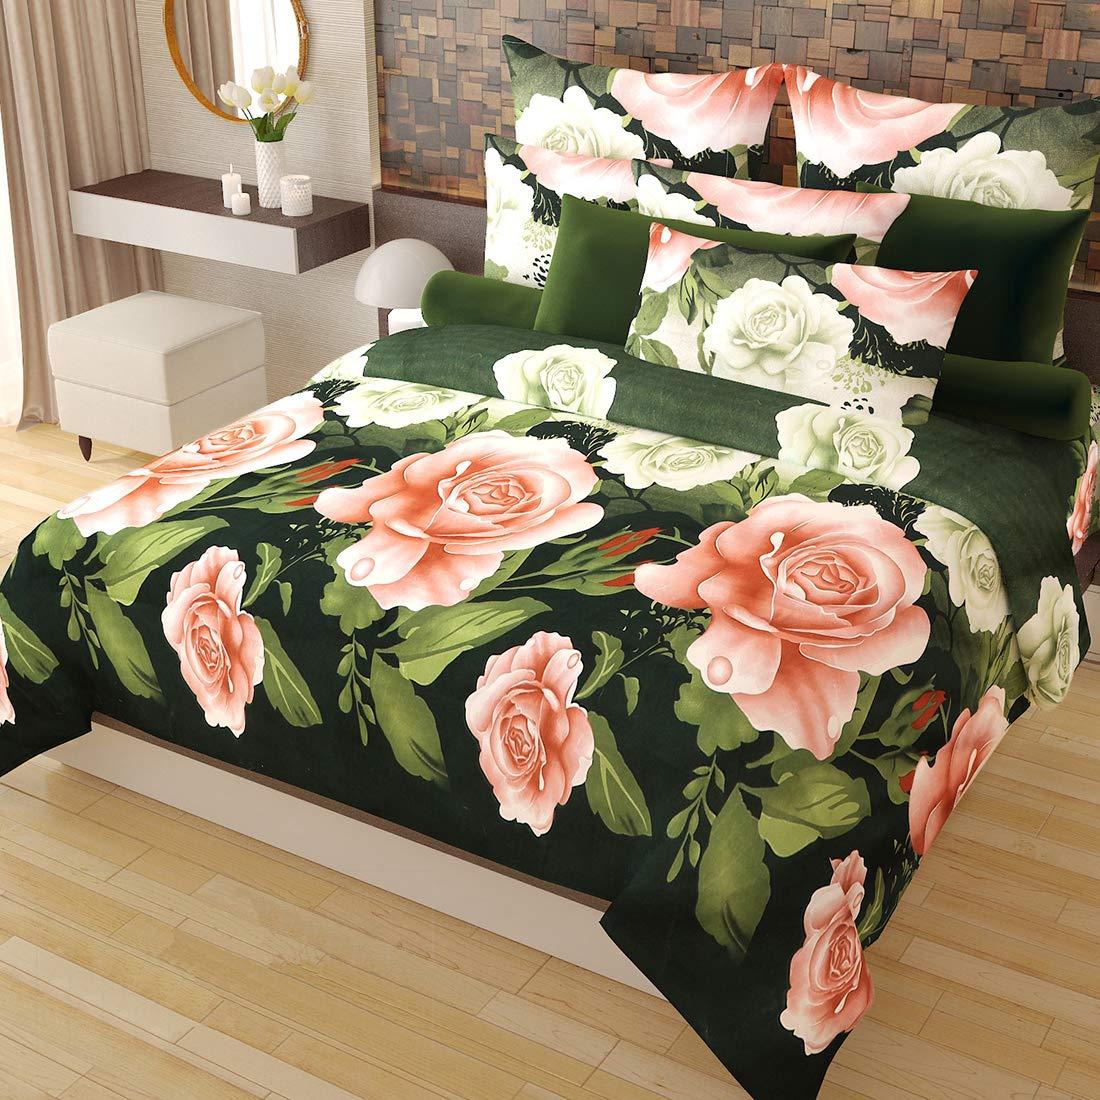 Home Candy 3-D Elegant Floral